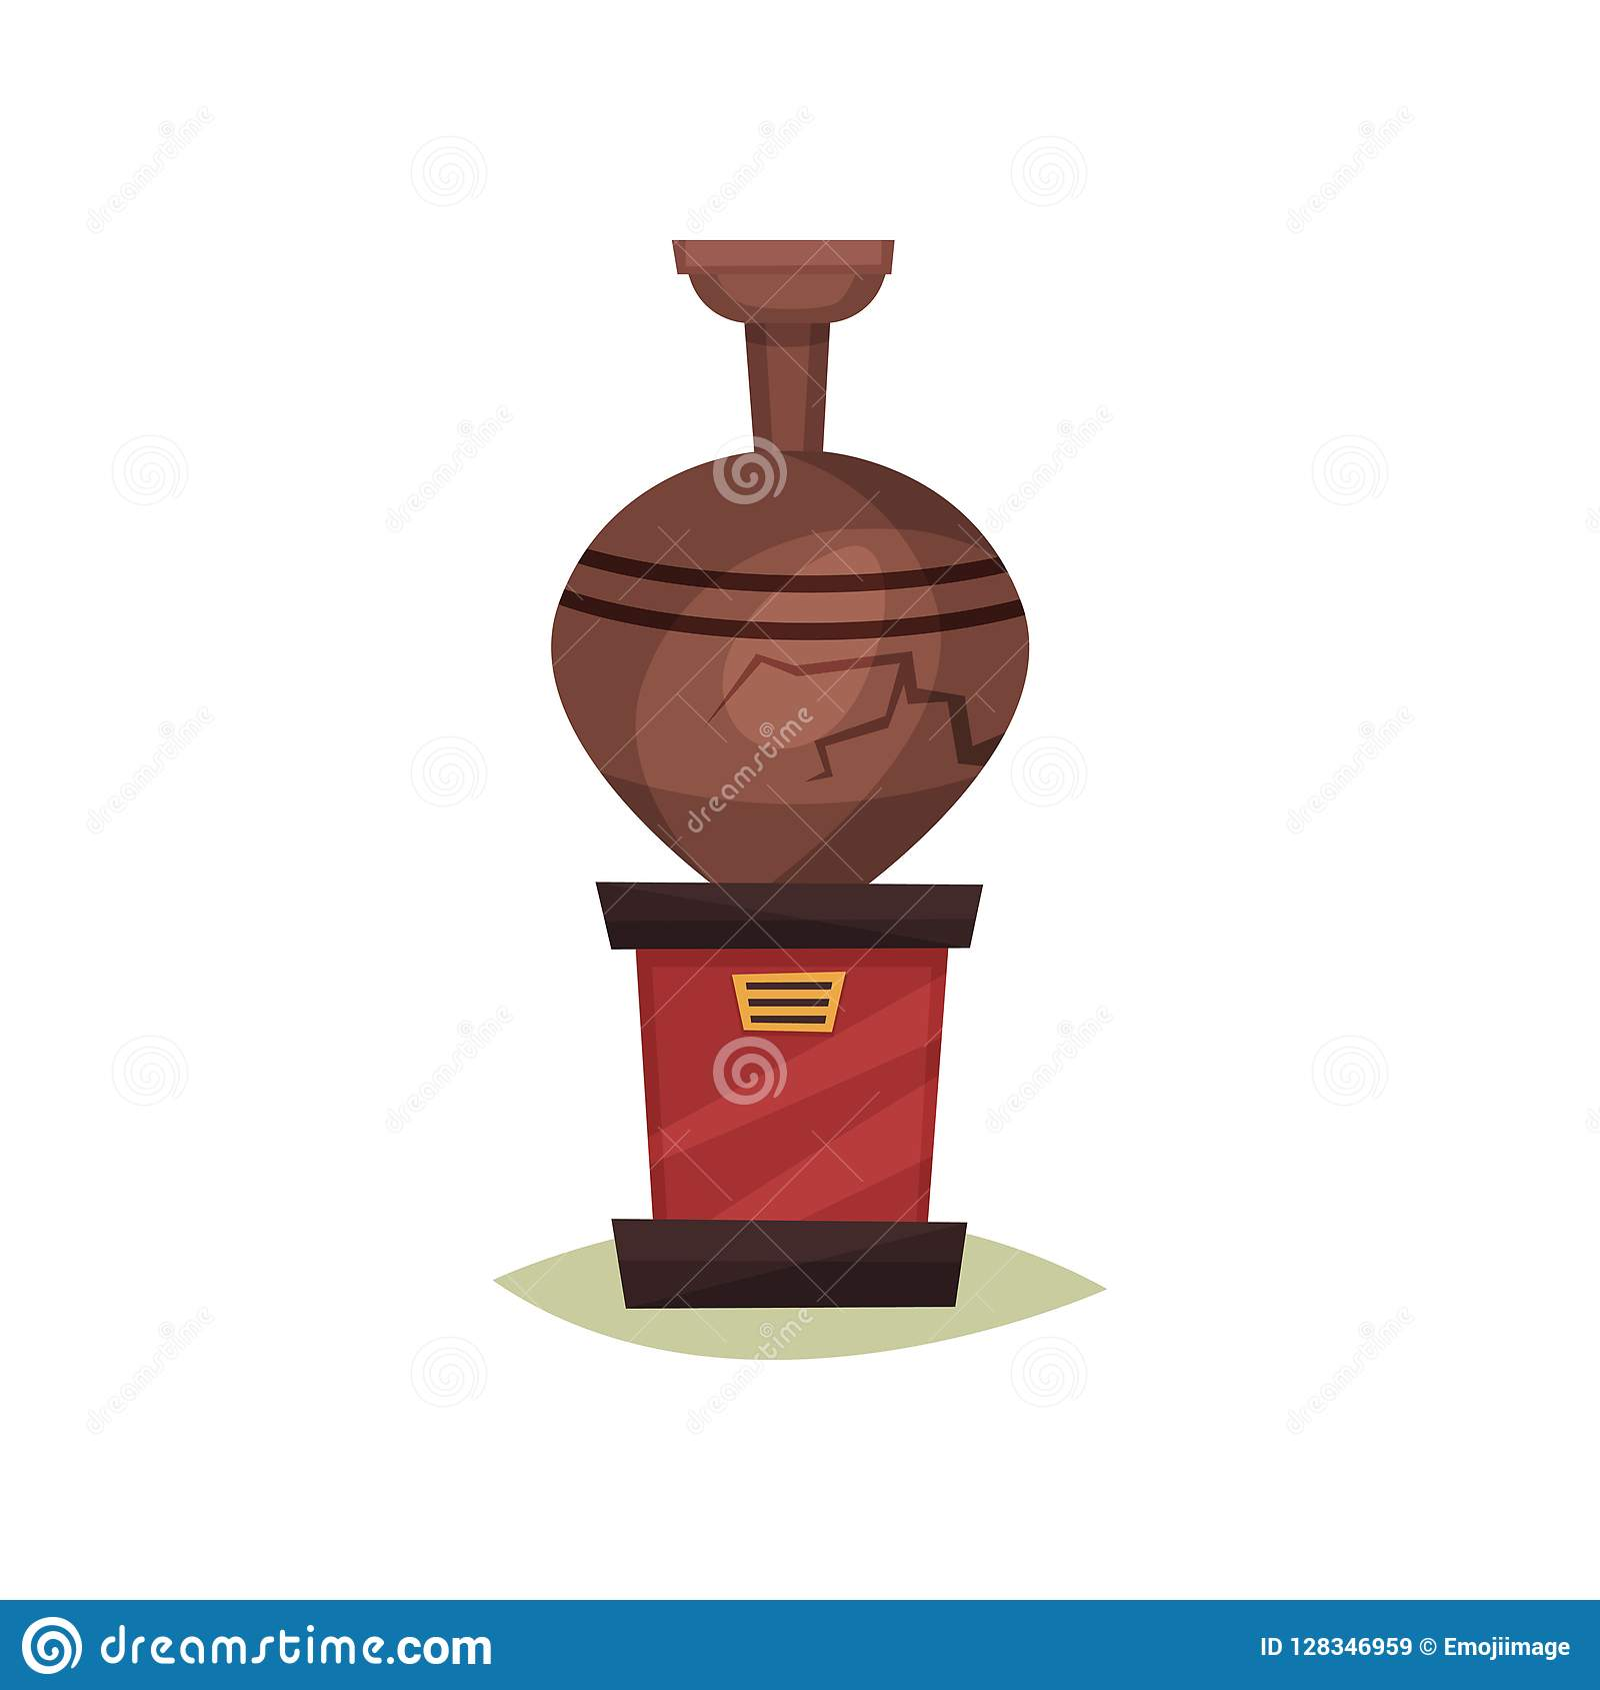 Stara brown ceramiczna waza z pęknięciem na czerwień stojaku starożytna o amphorze Eksponat dziejowy muzeum Płaska wektorowa ikon